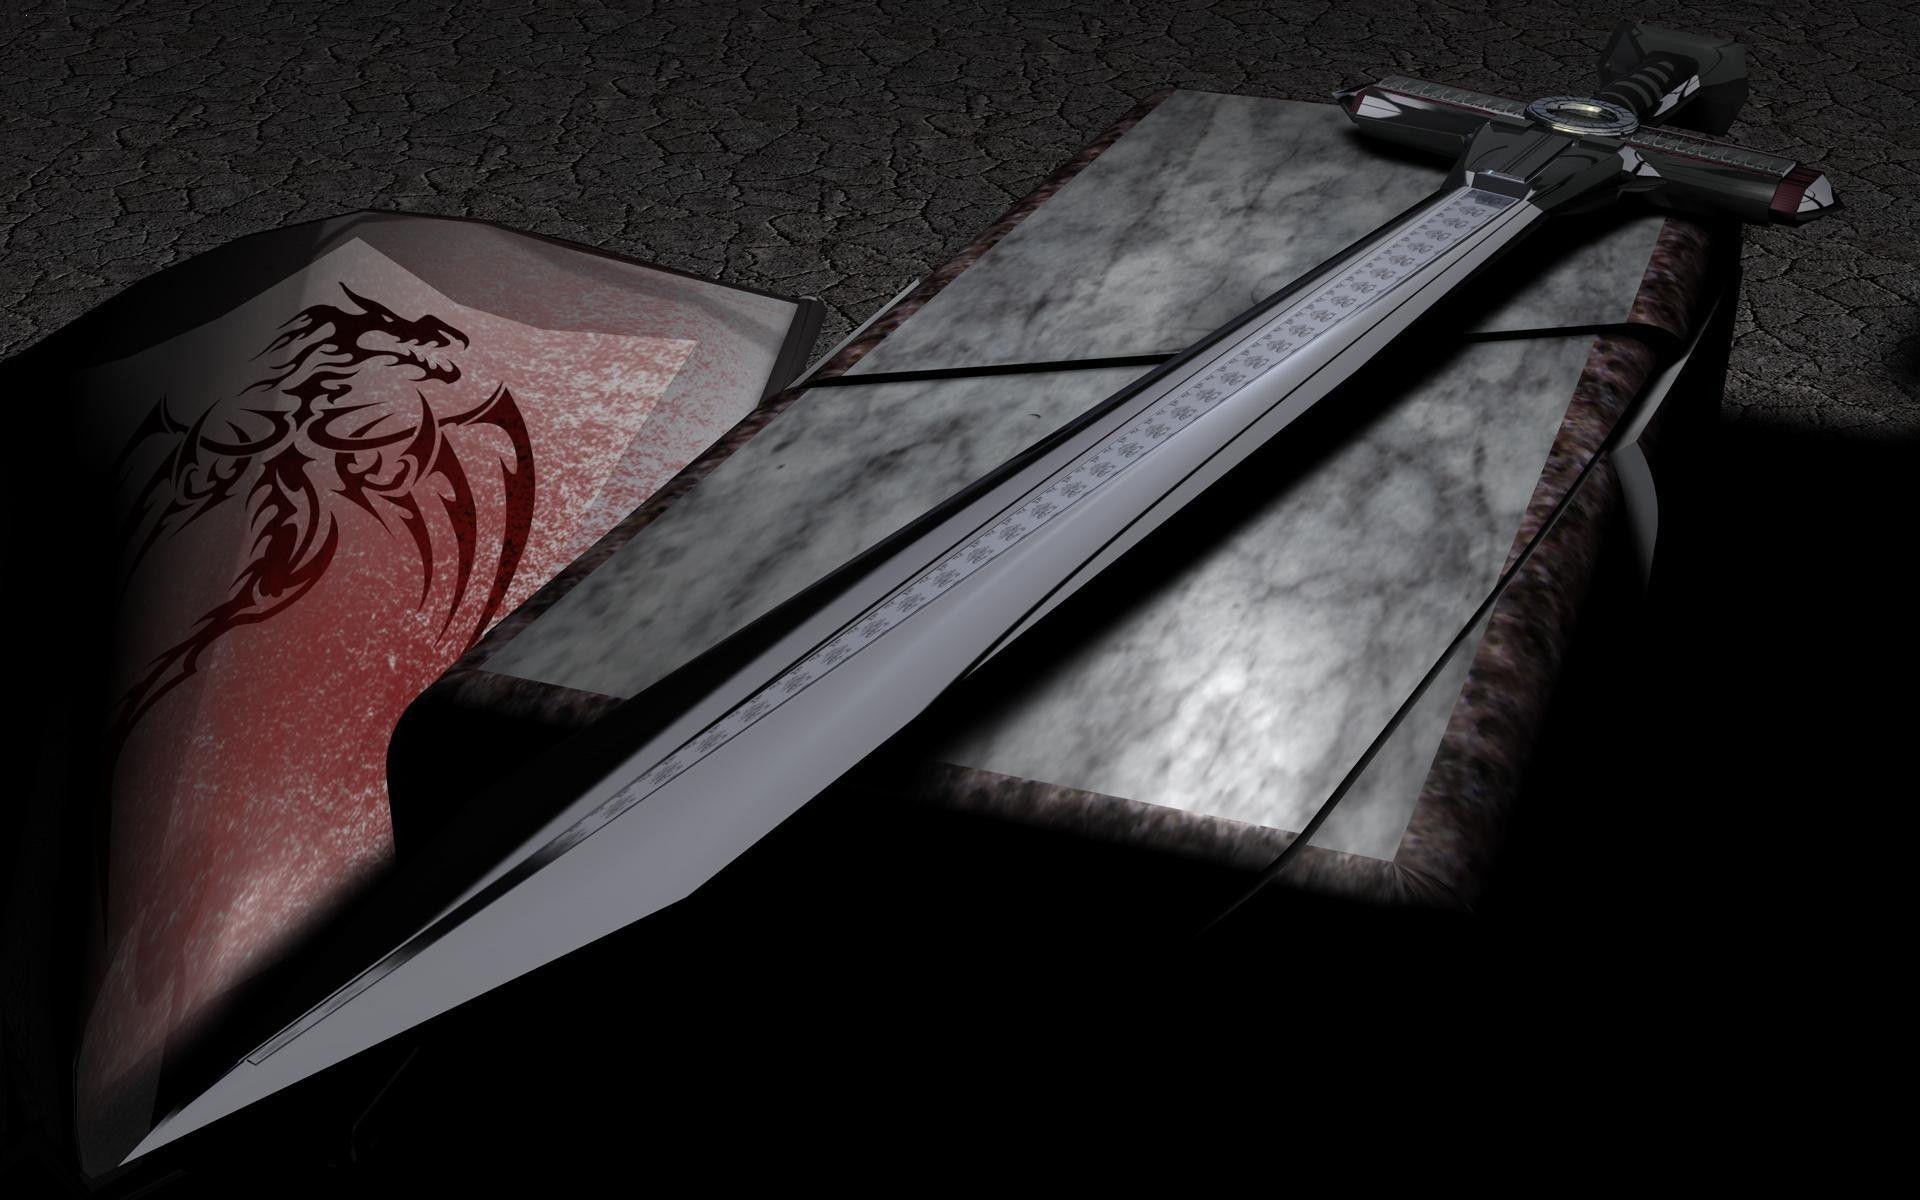 swords wallpapers